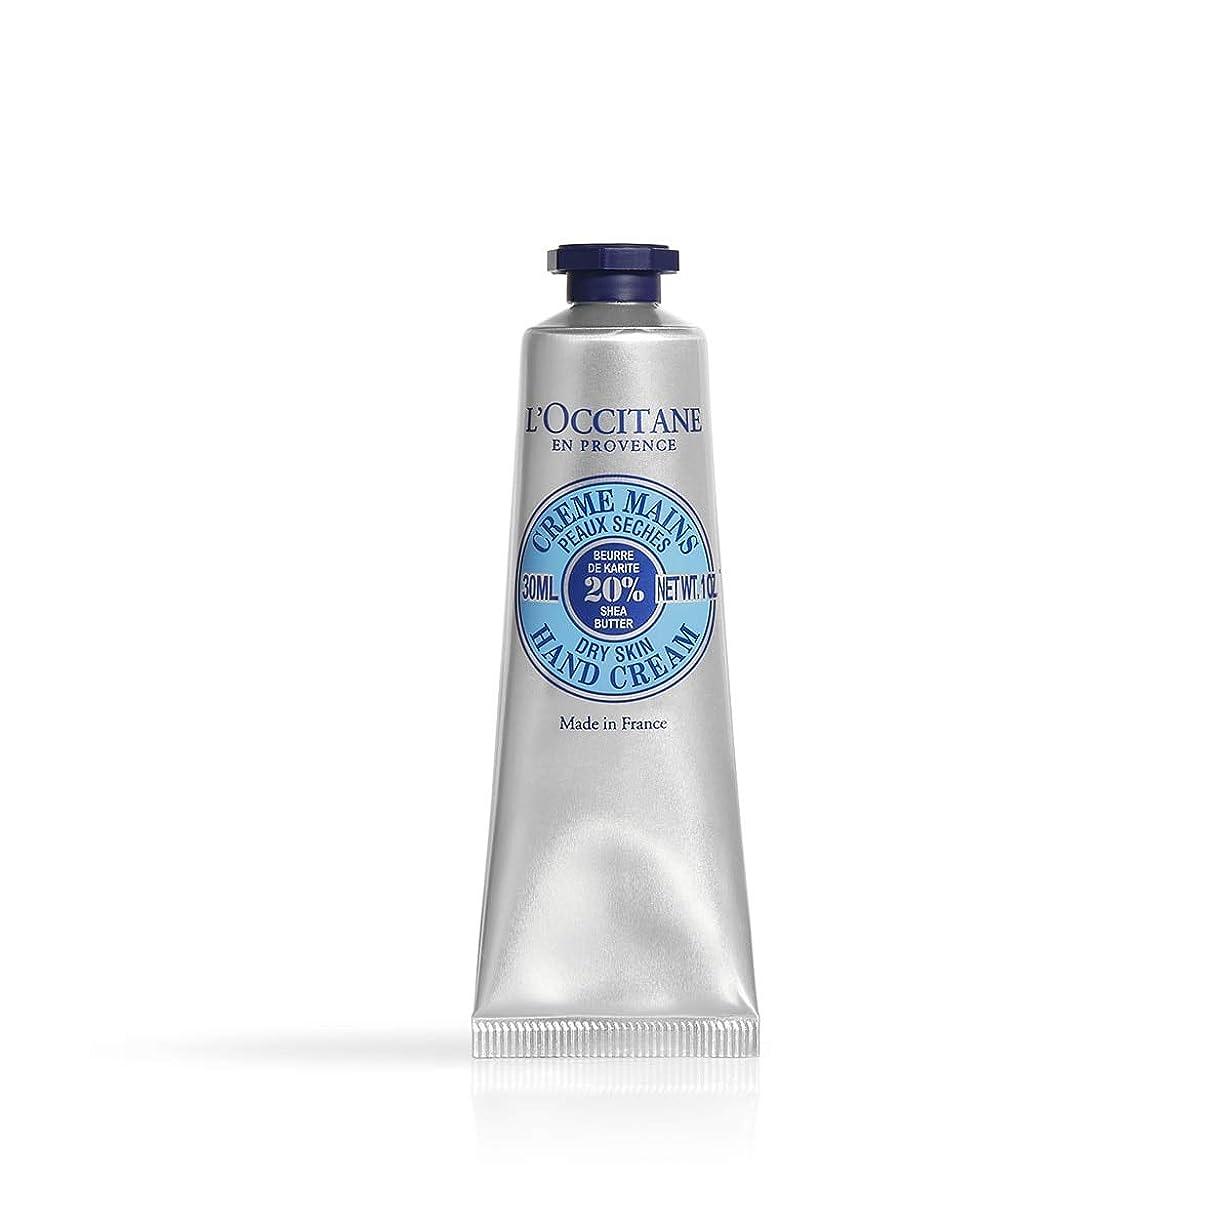 素晴らしいです伝染性の花束ロクシタン(L'OCCITANE) シア ハンドクリーム 30ml